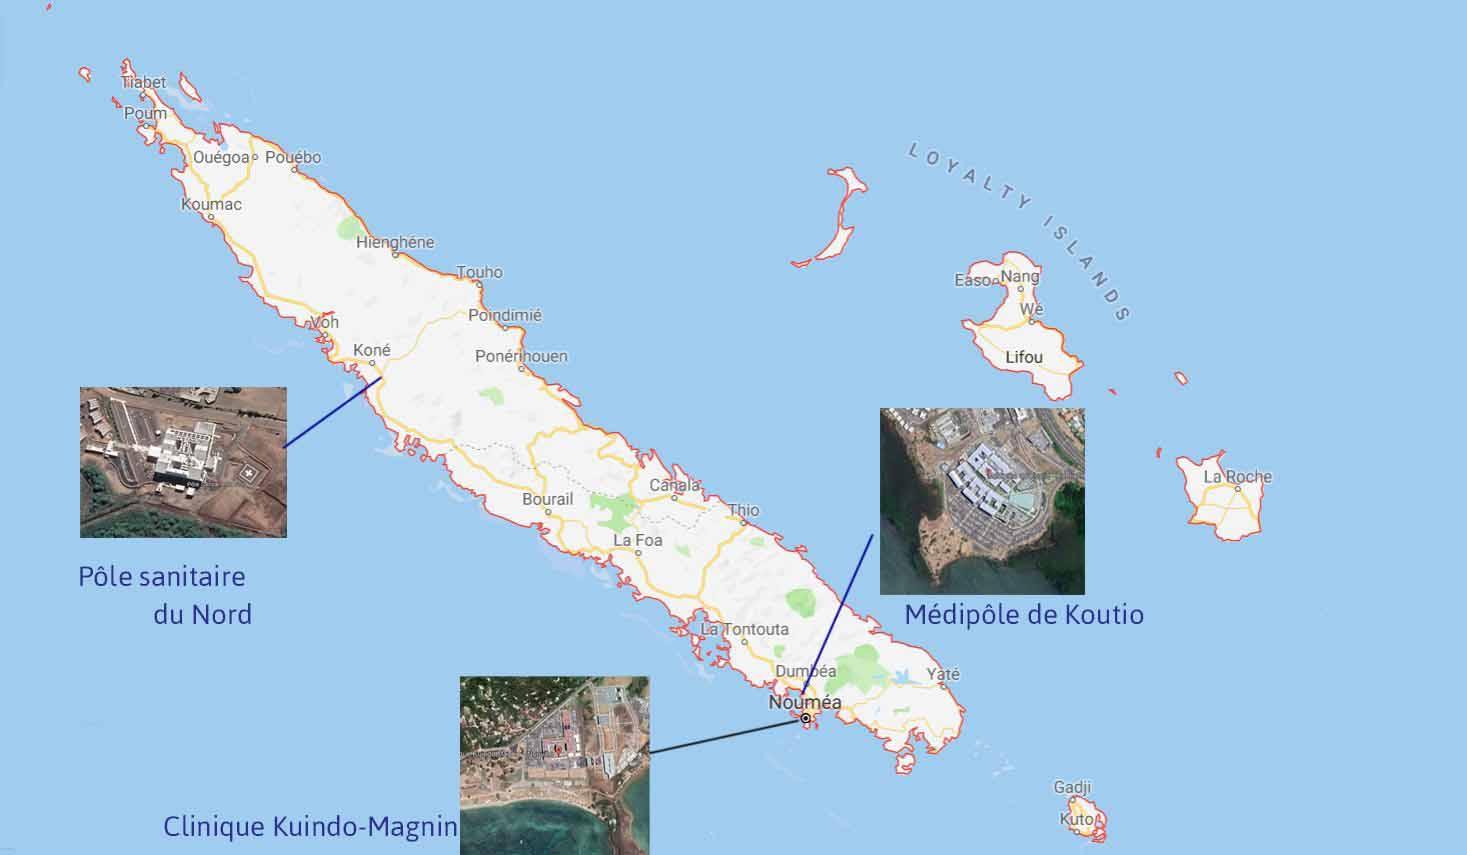 carte de nouvelle caledonie avec les centres de santé